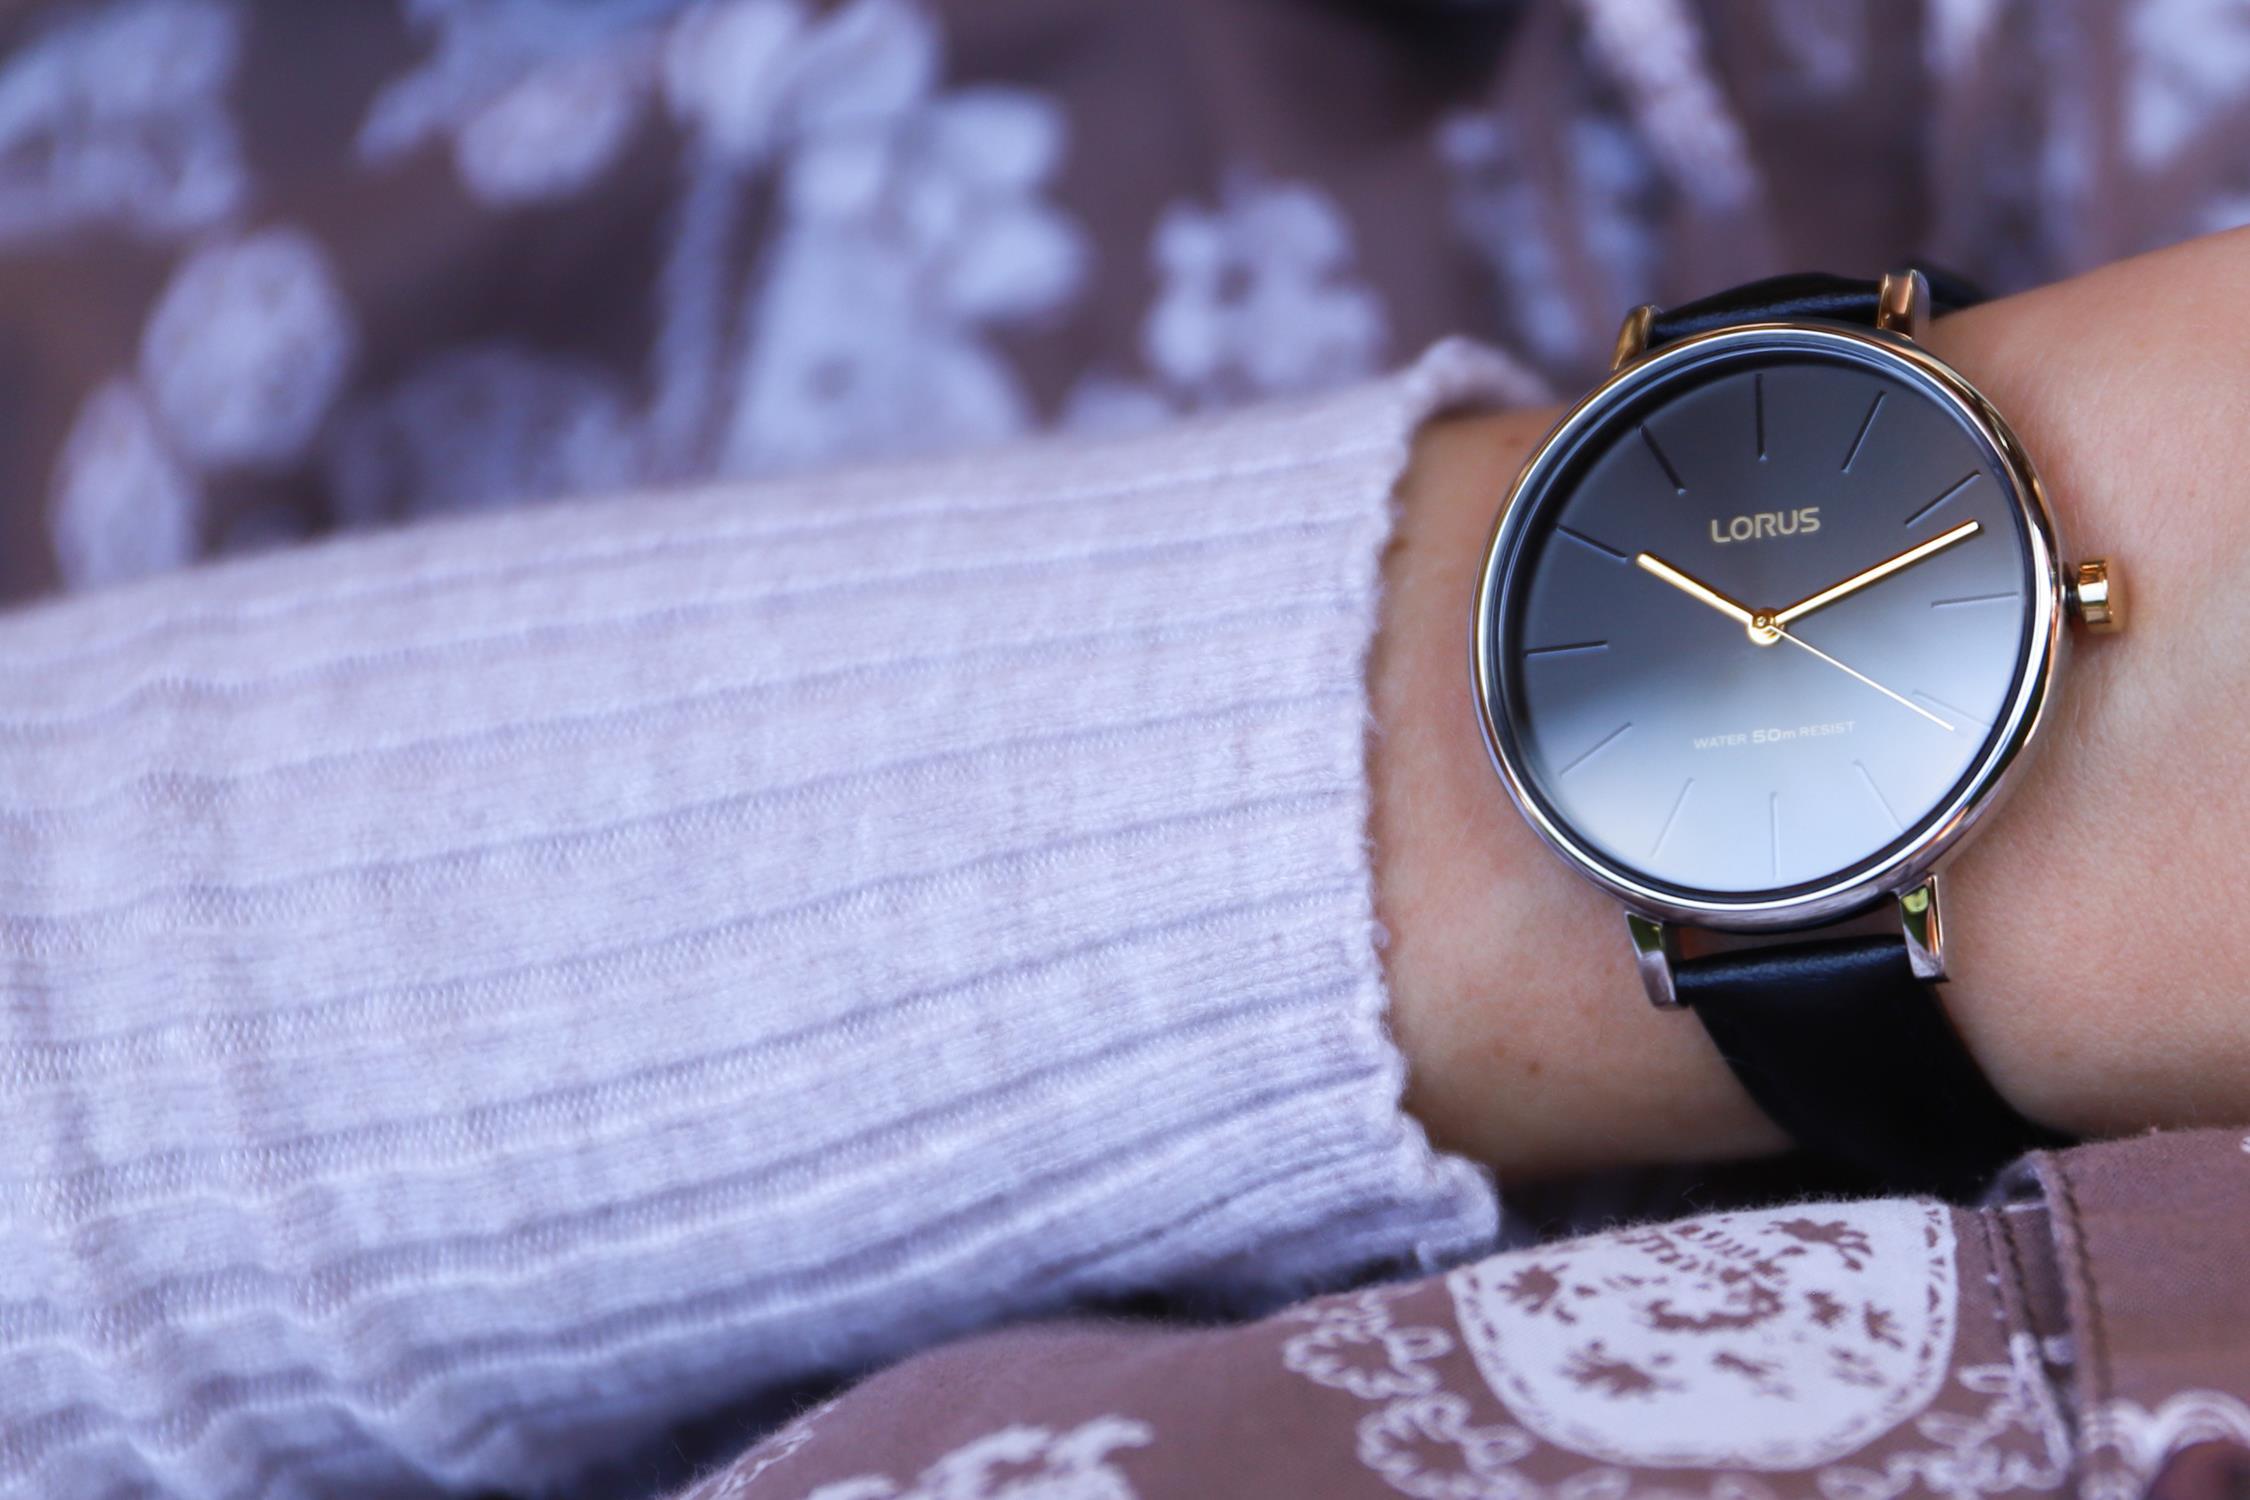 zegarek lorus damski pasek czarny prostokat